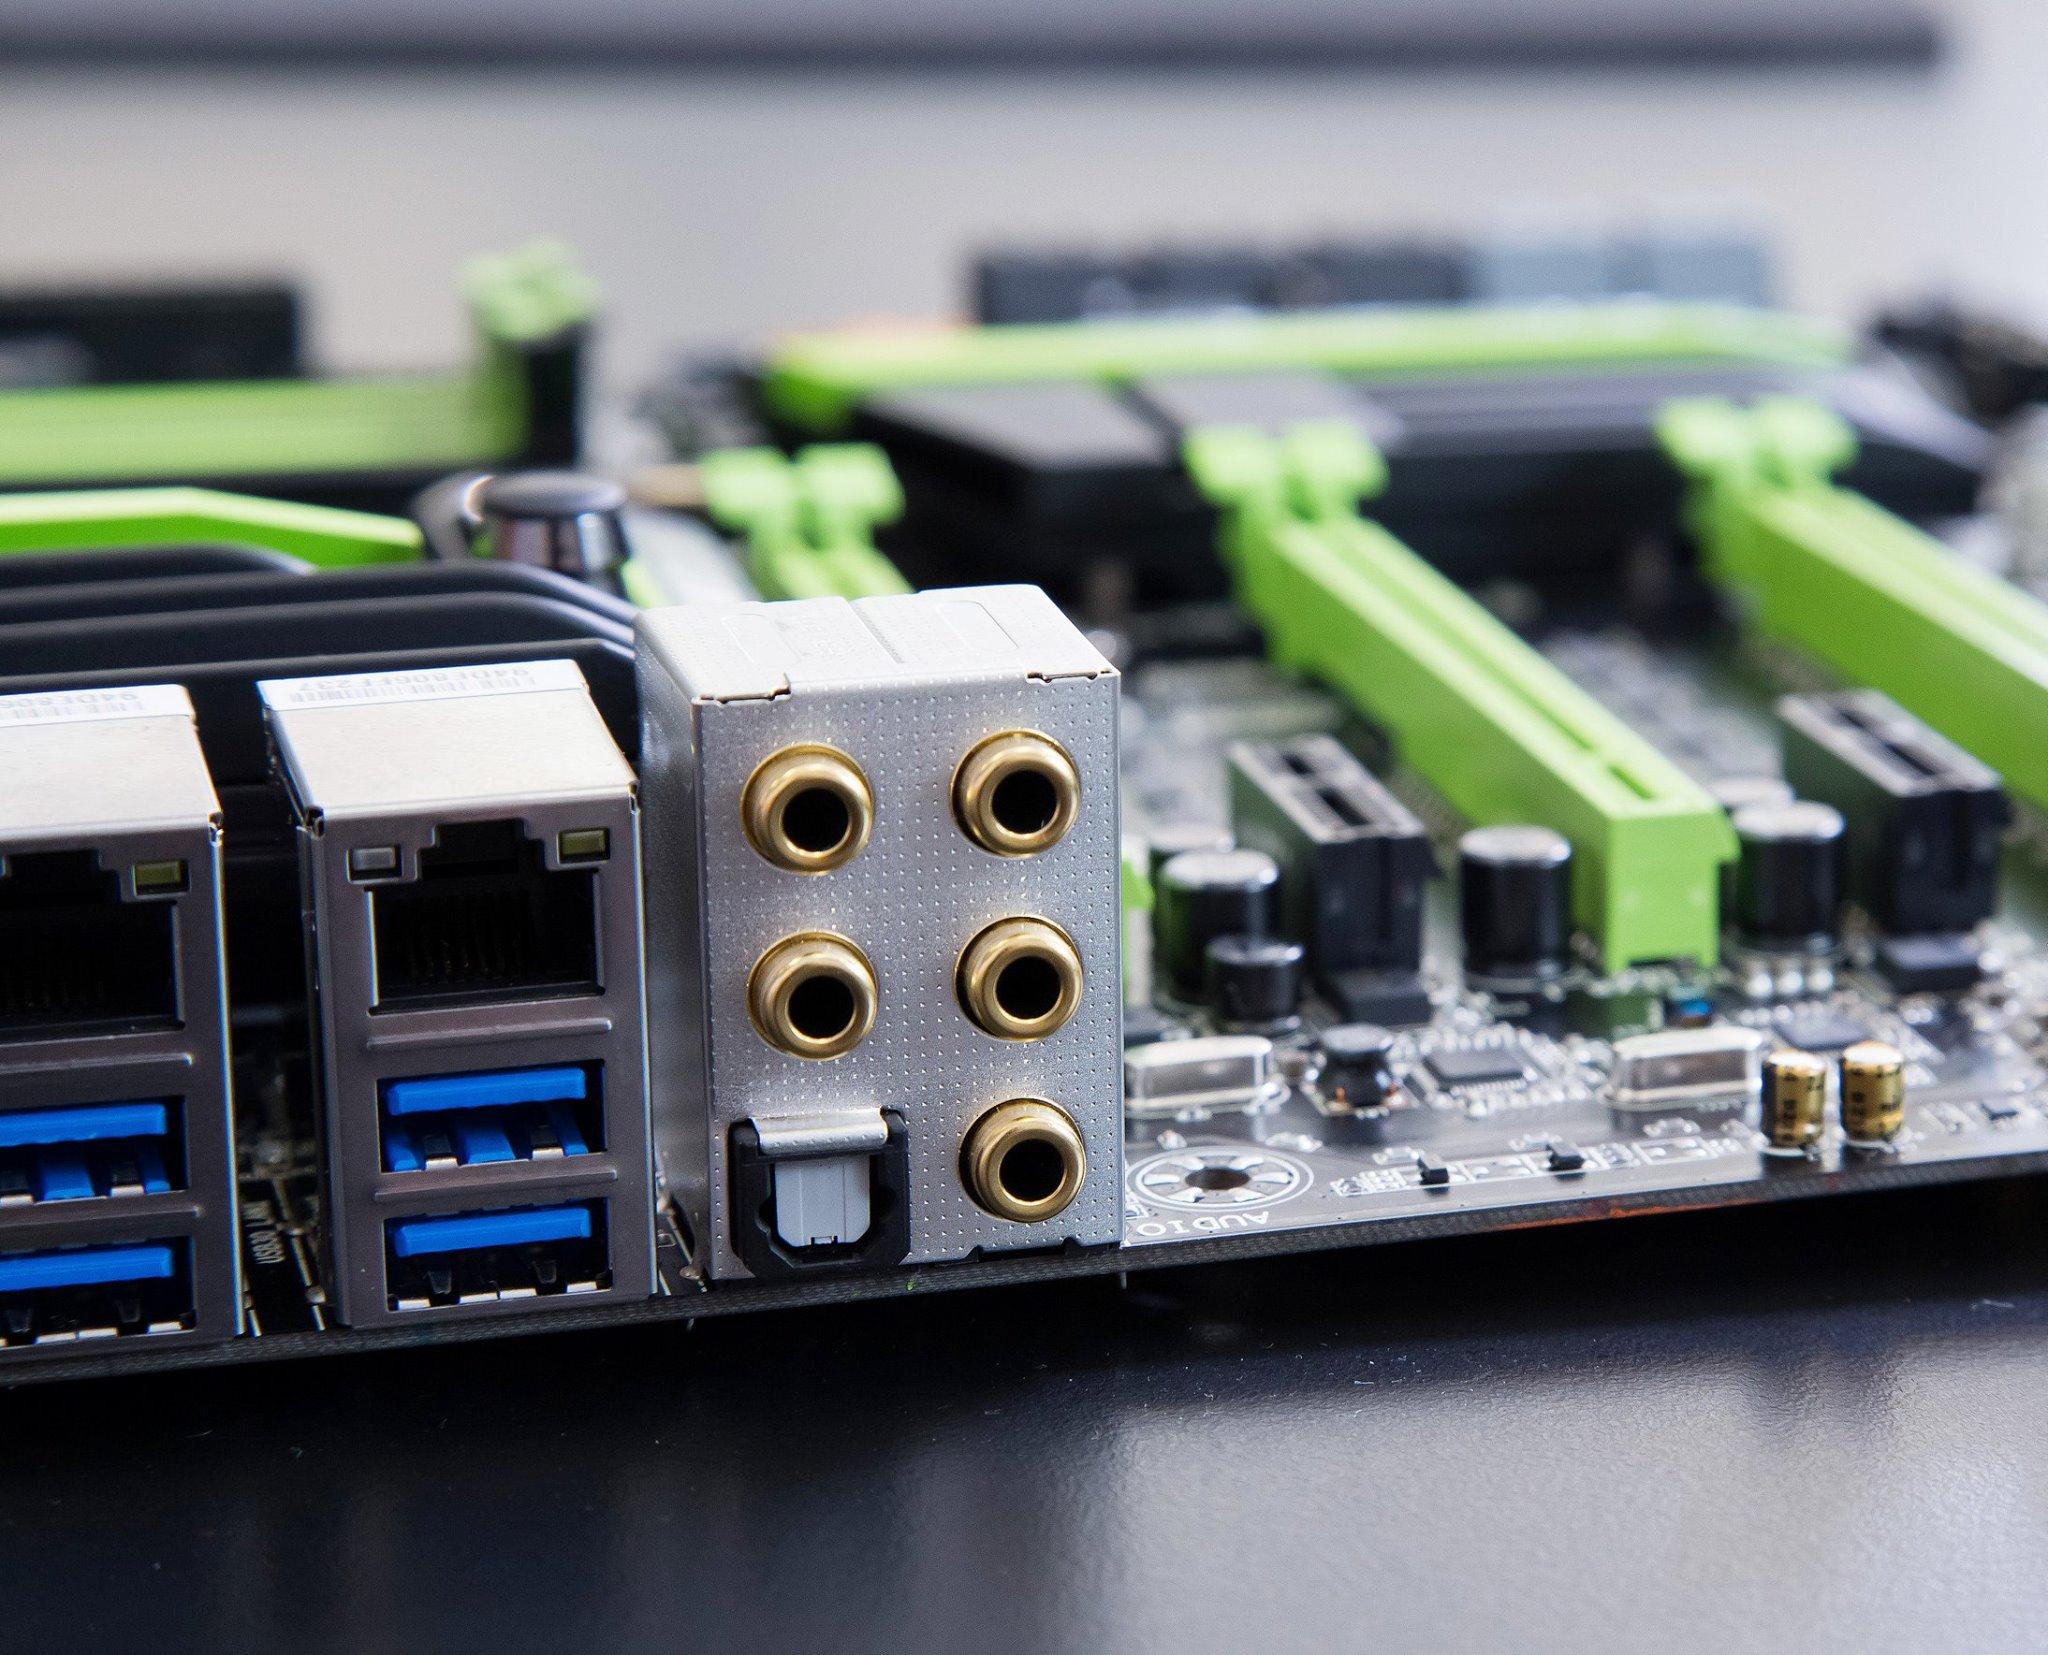 都有搞高阶音效与放大技术,甚至音效输出输入连接头都镀金,游戏主机板